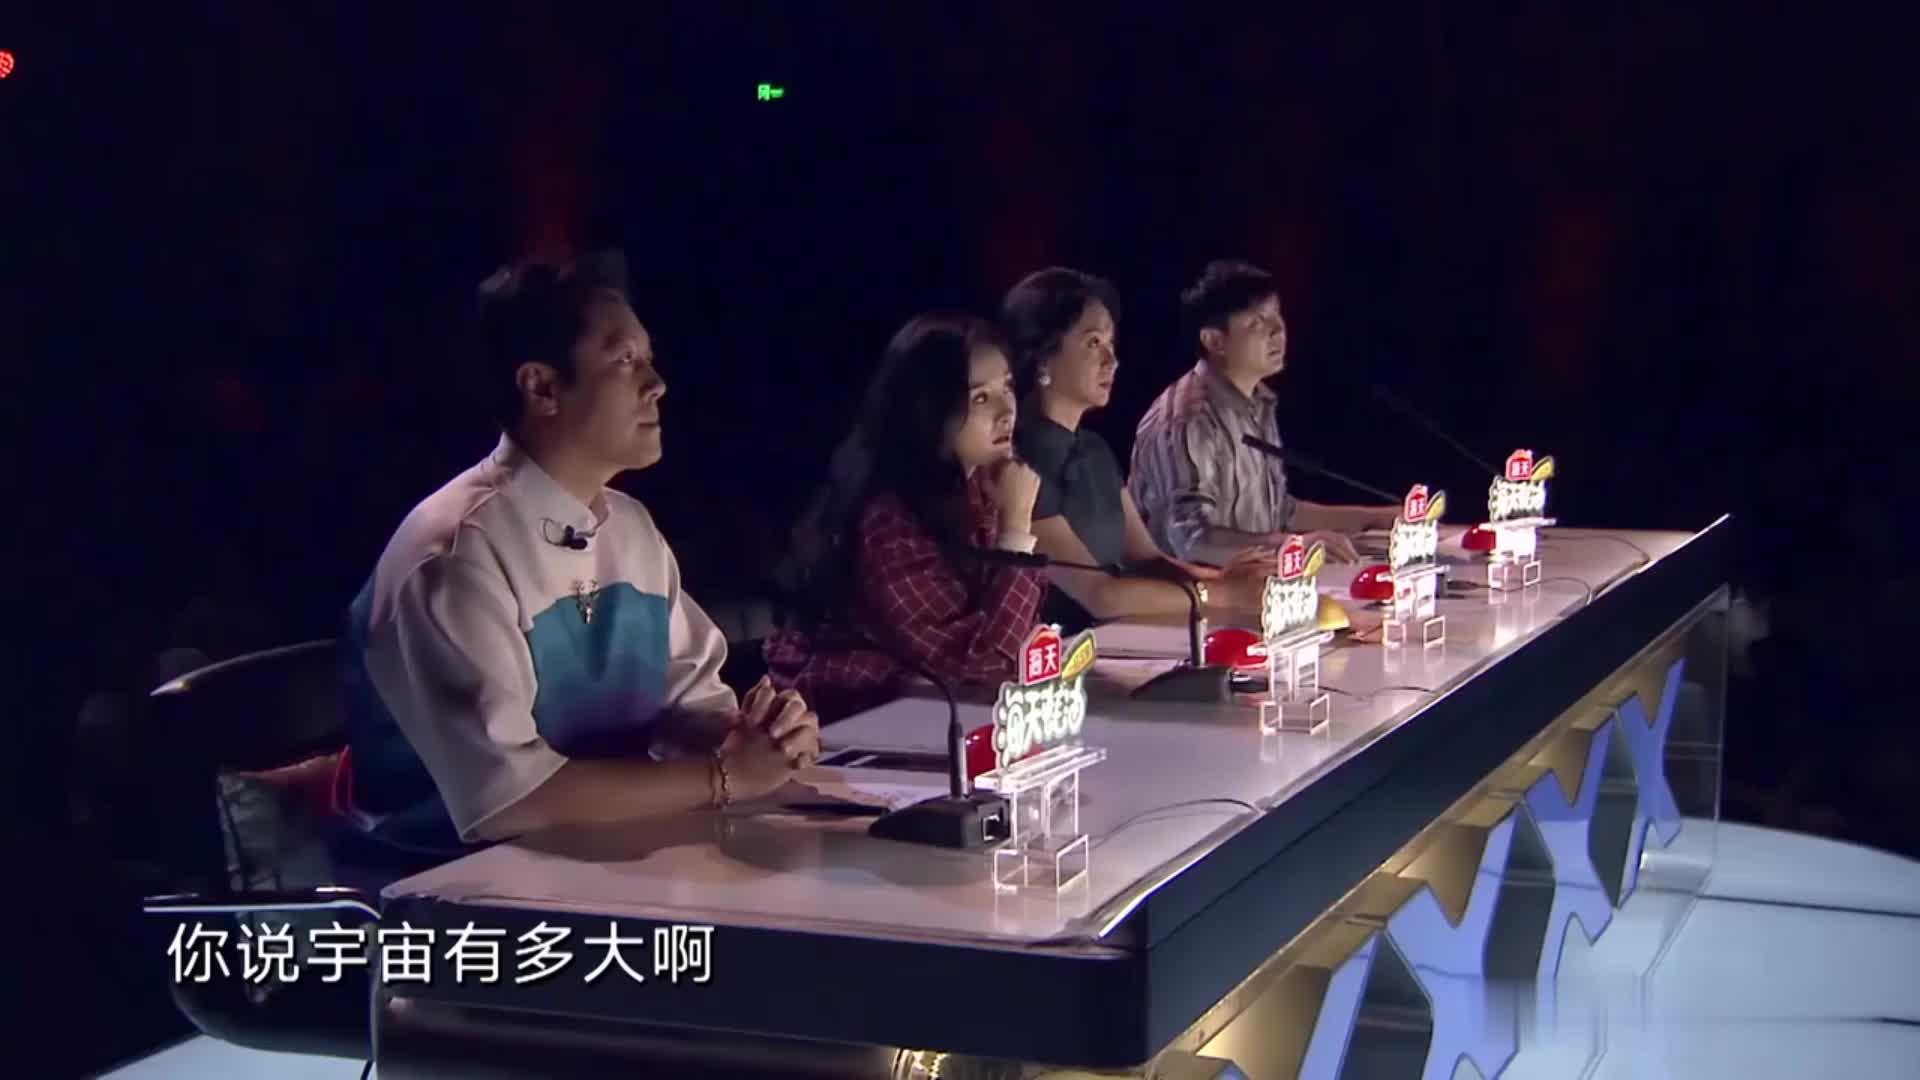 中国达人秀:退伍军人舞台圆梦,蔡国庆感同身受,给出黄金按钮!